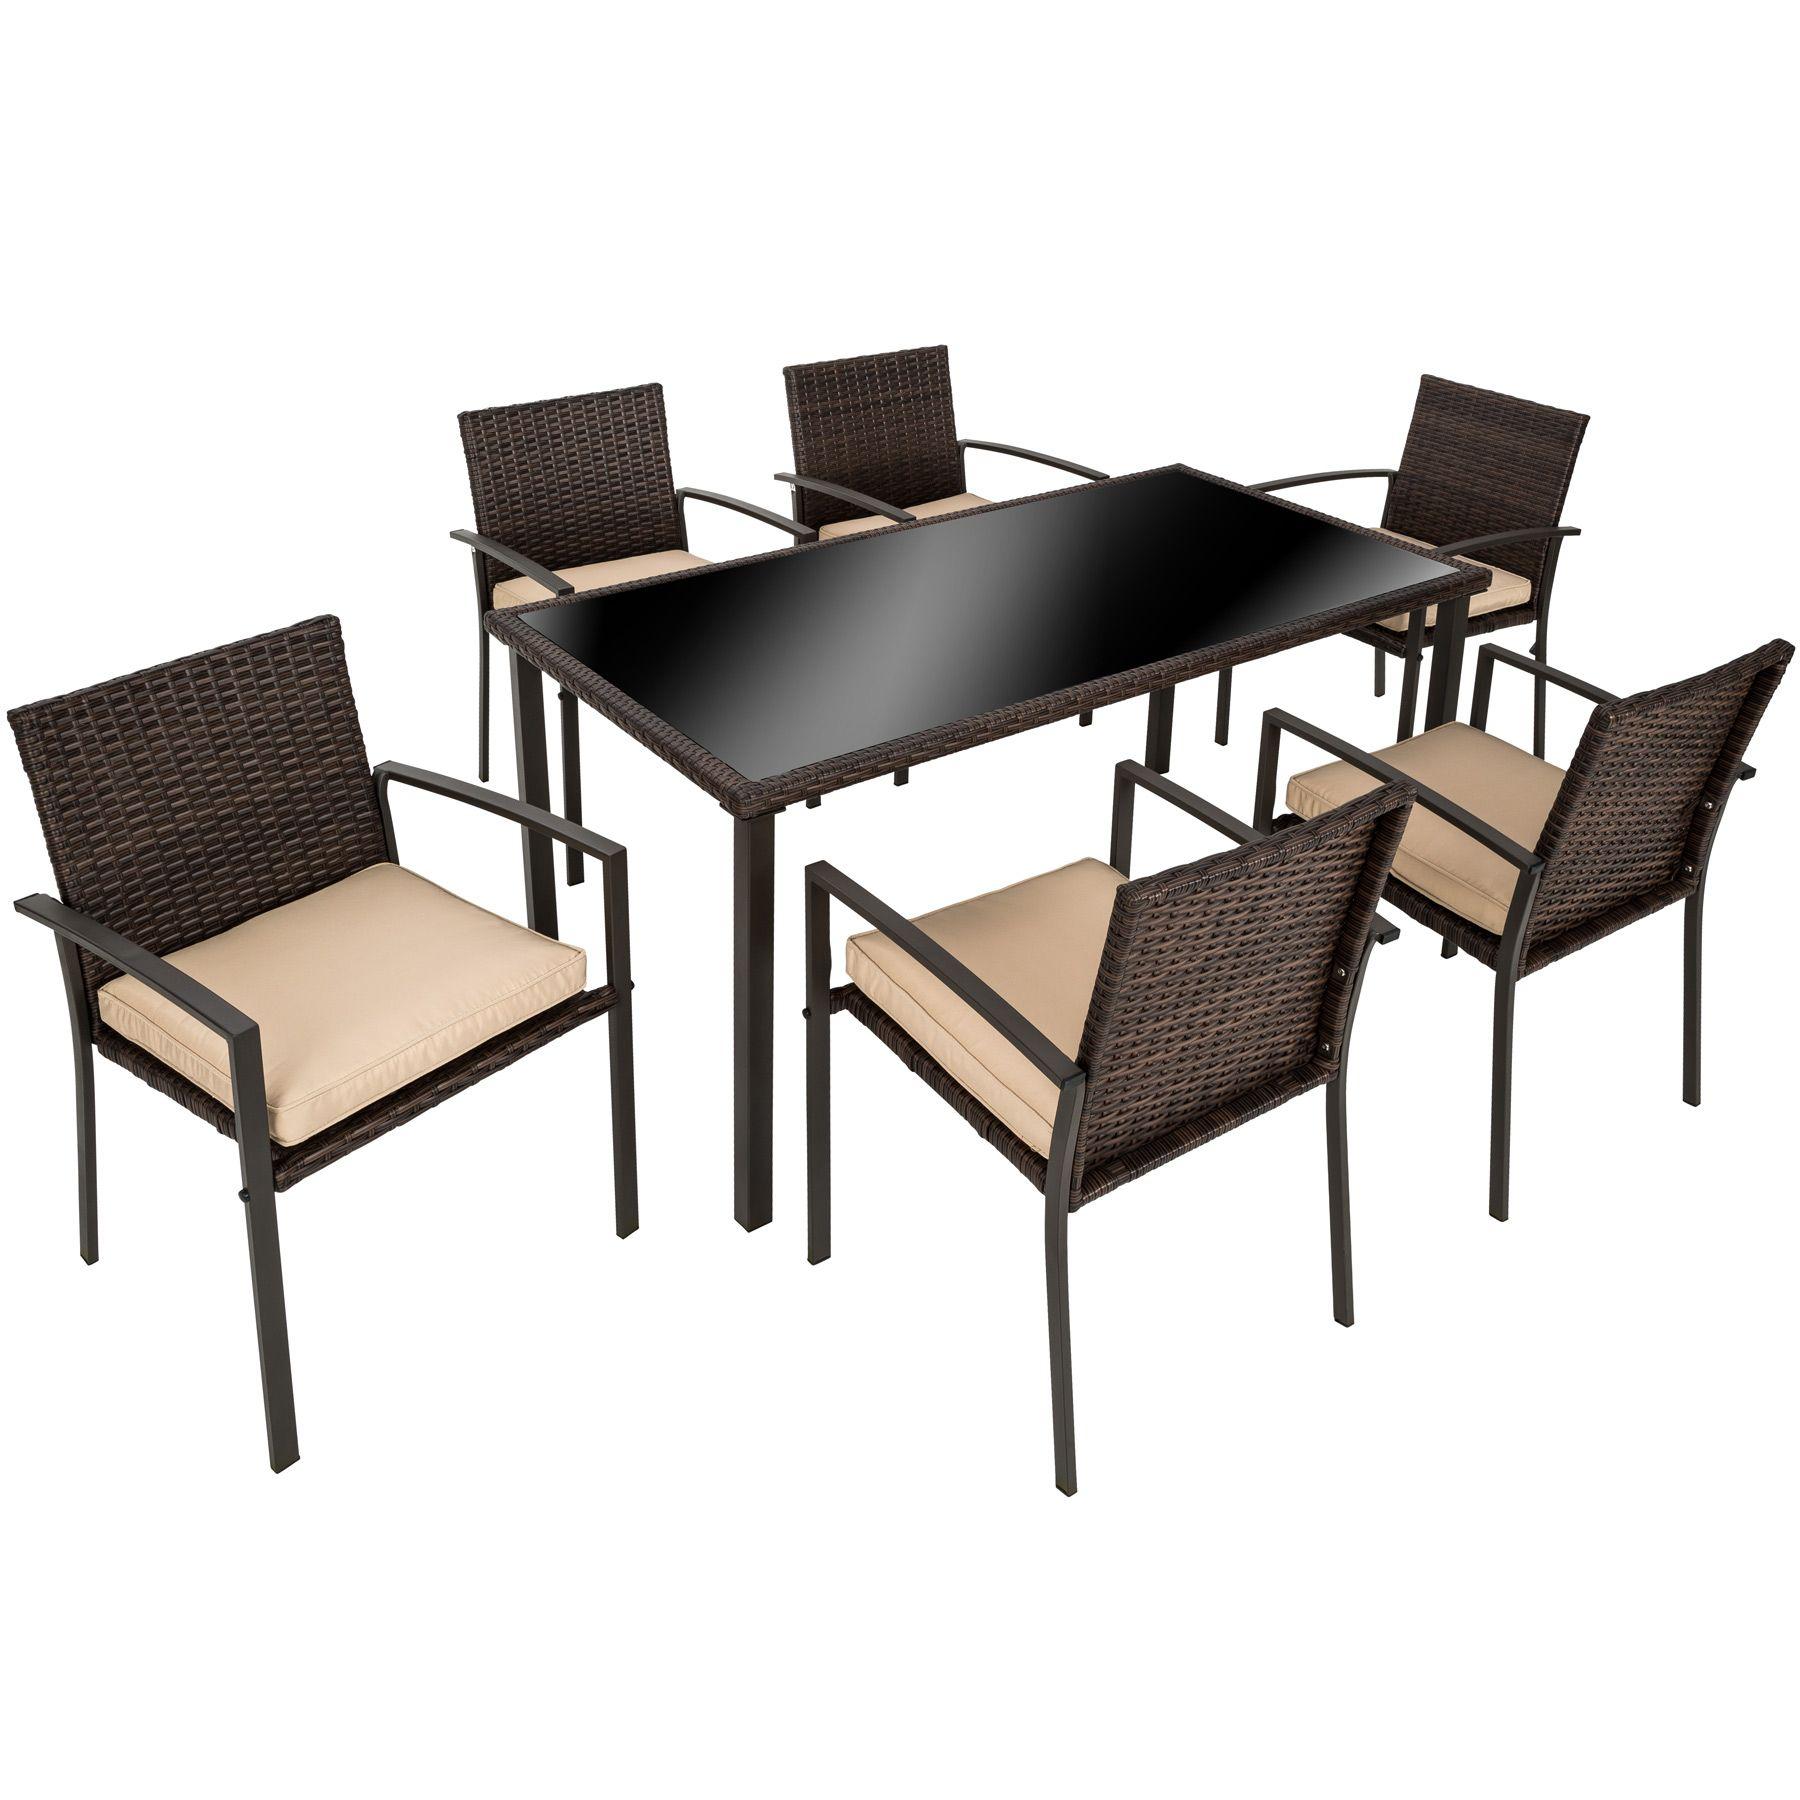 Conjunto muebles de jardín terraza ratán sintético exterior 6 sillas ...